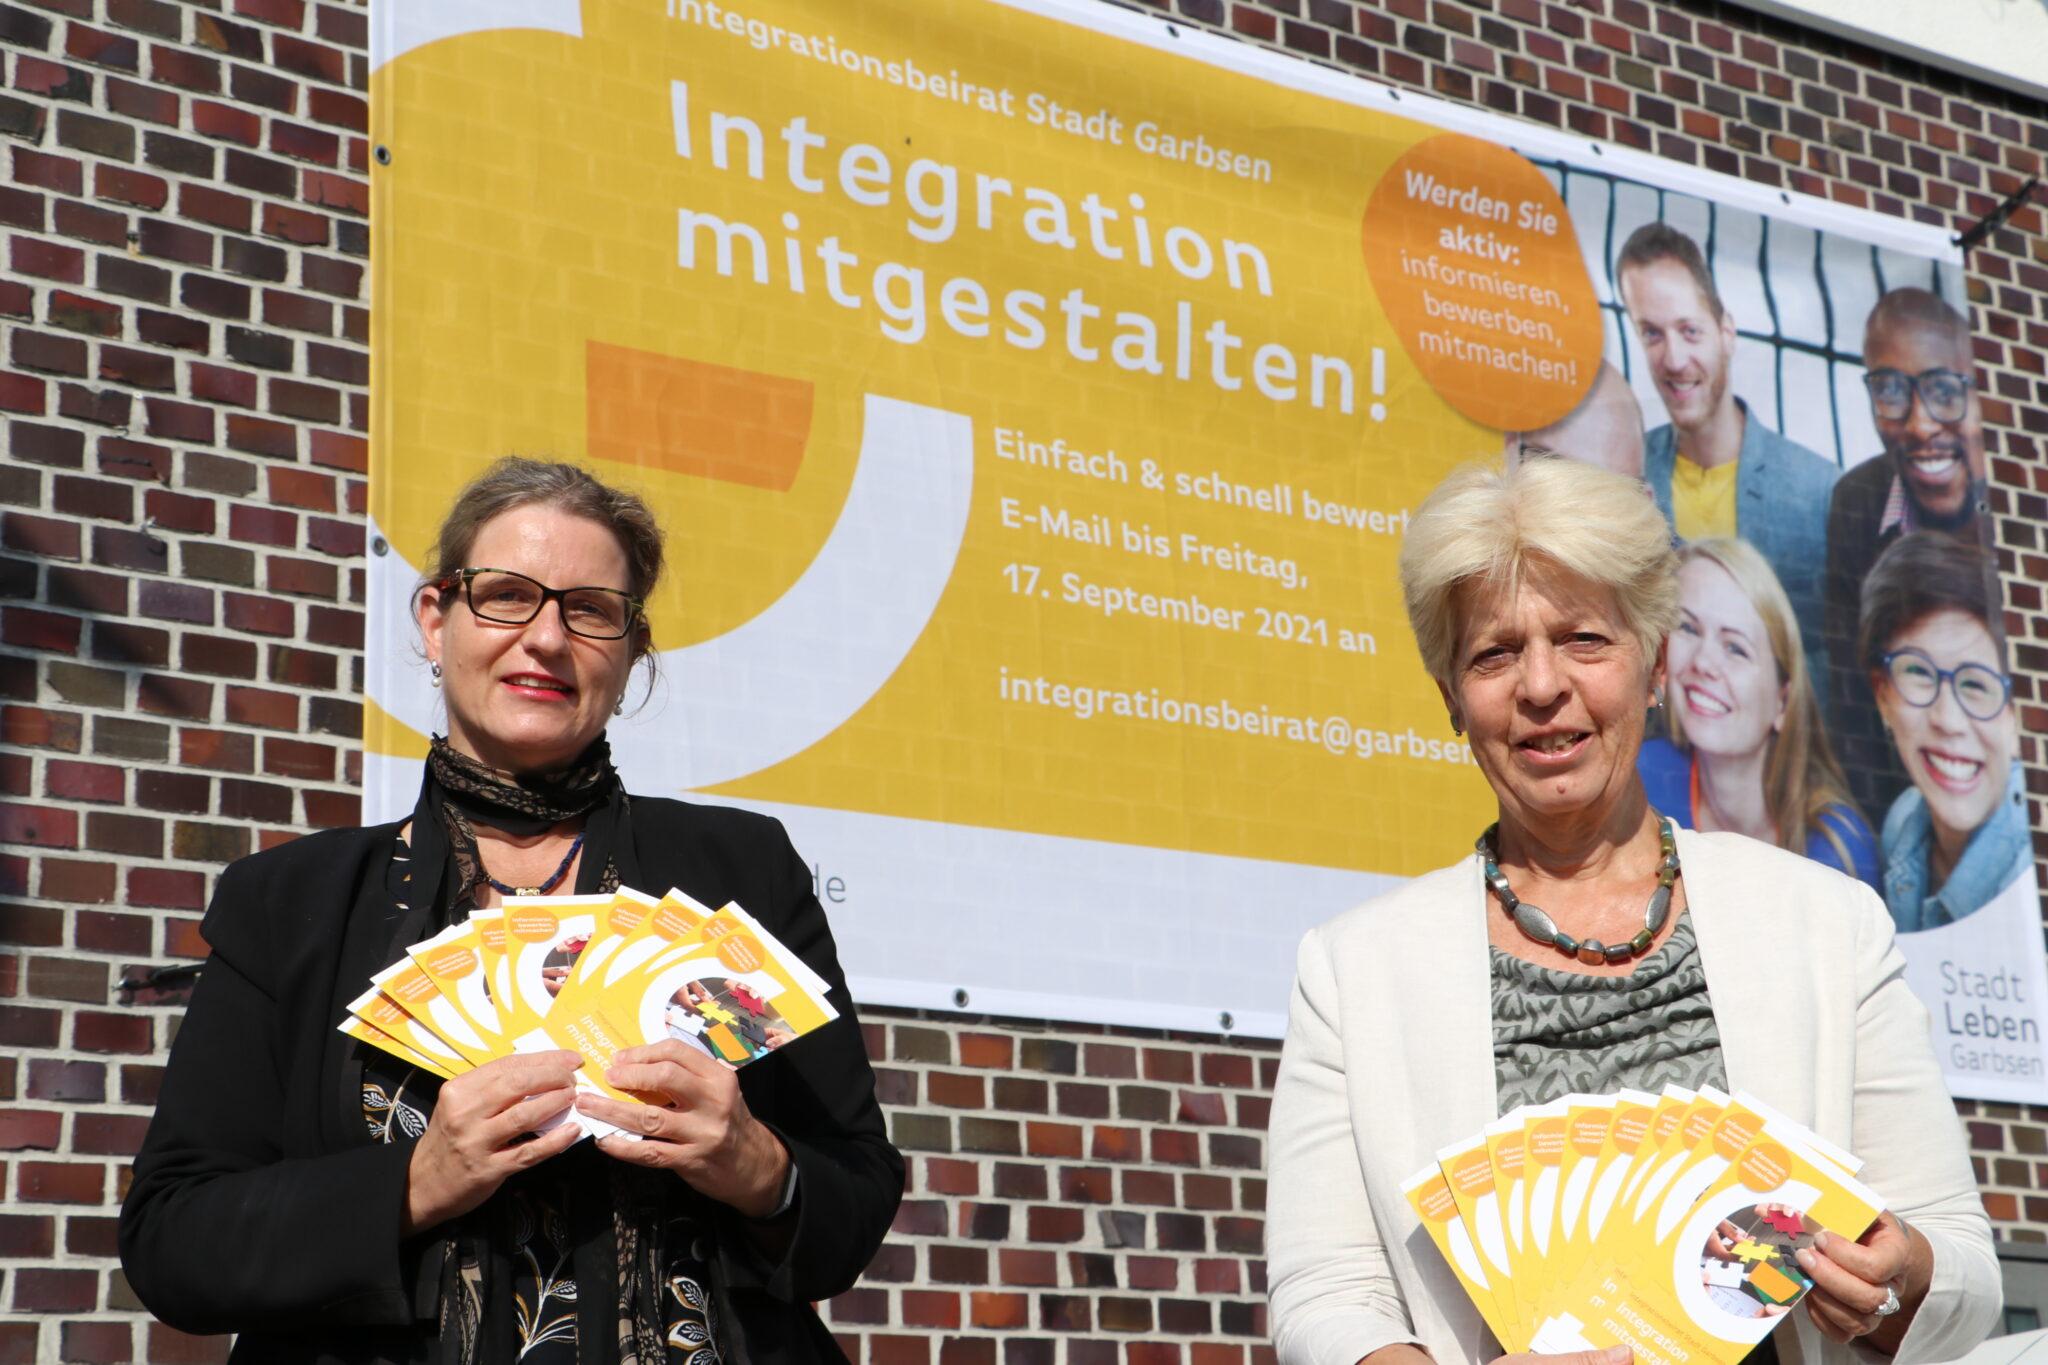 Mitglieder für Integrationsbeirat gesucht - Wir in Garbsen